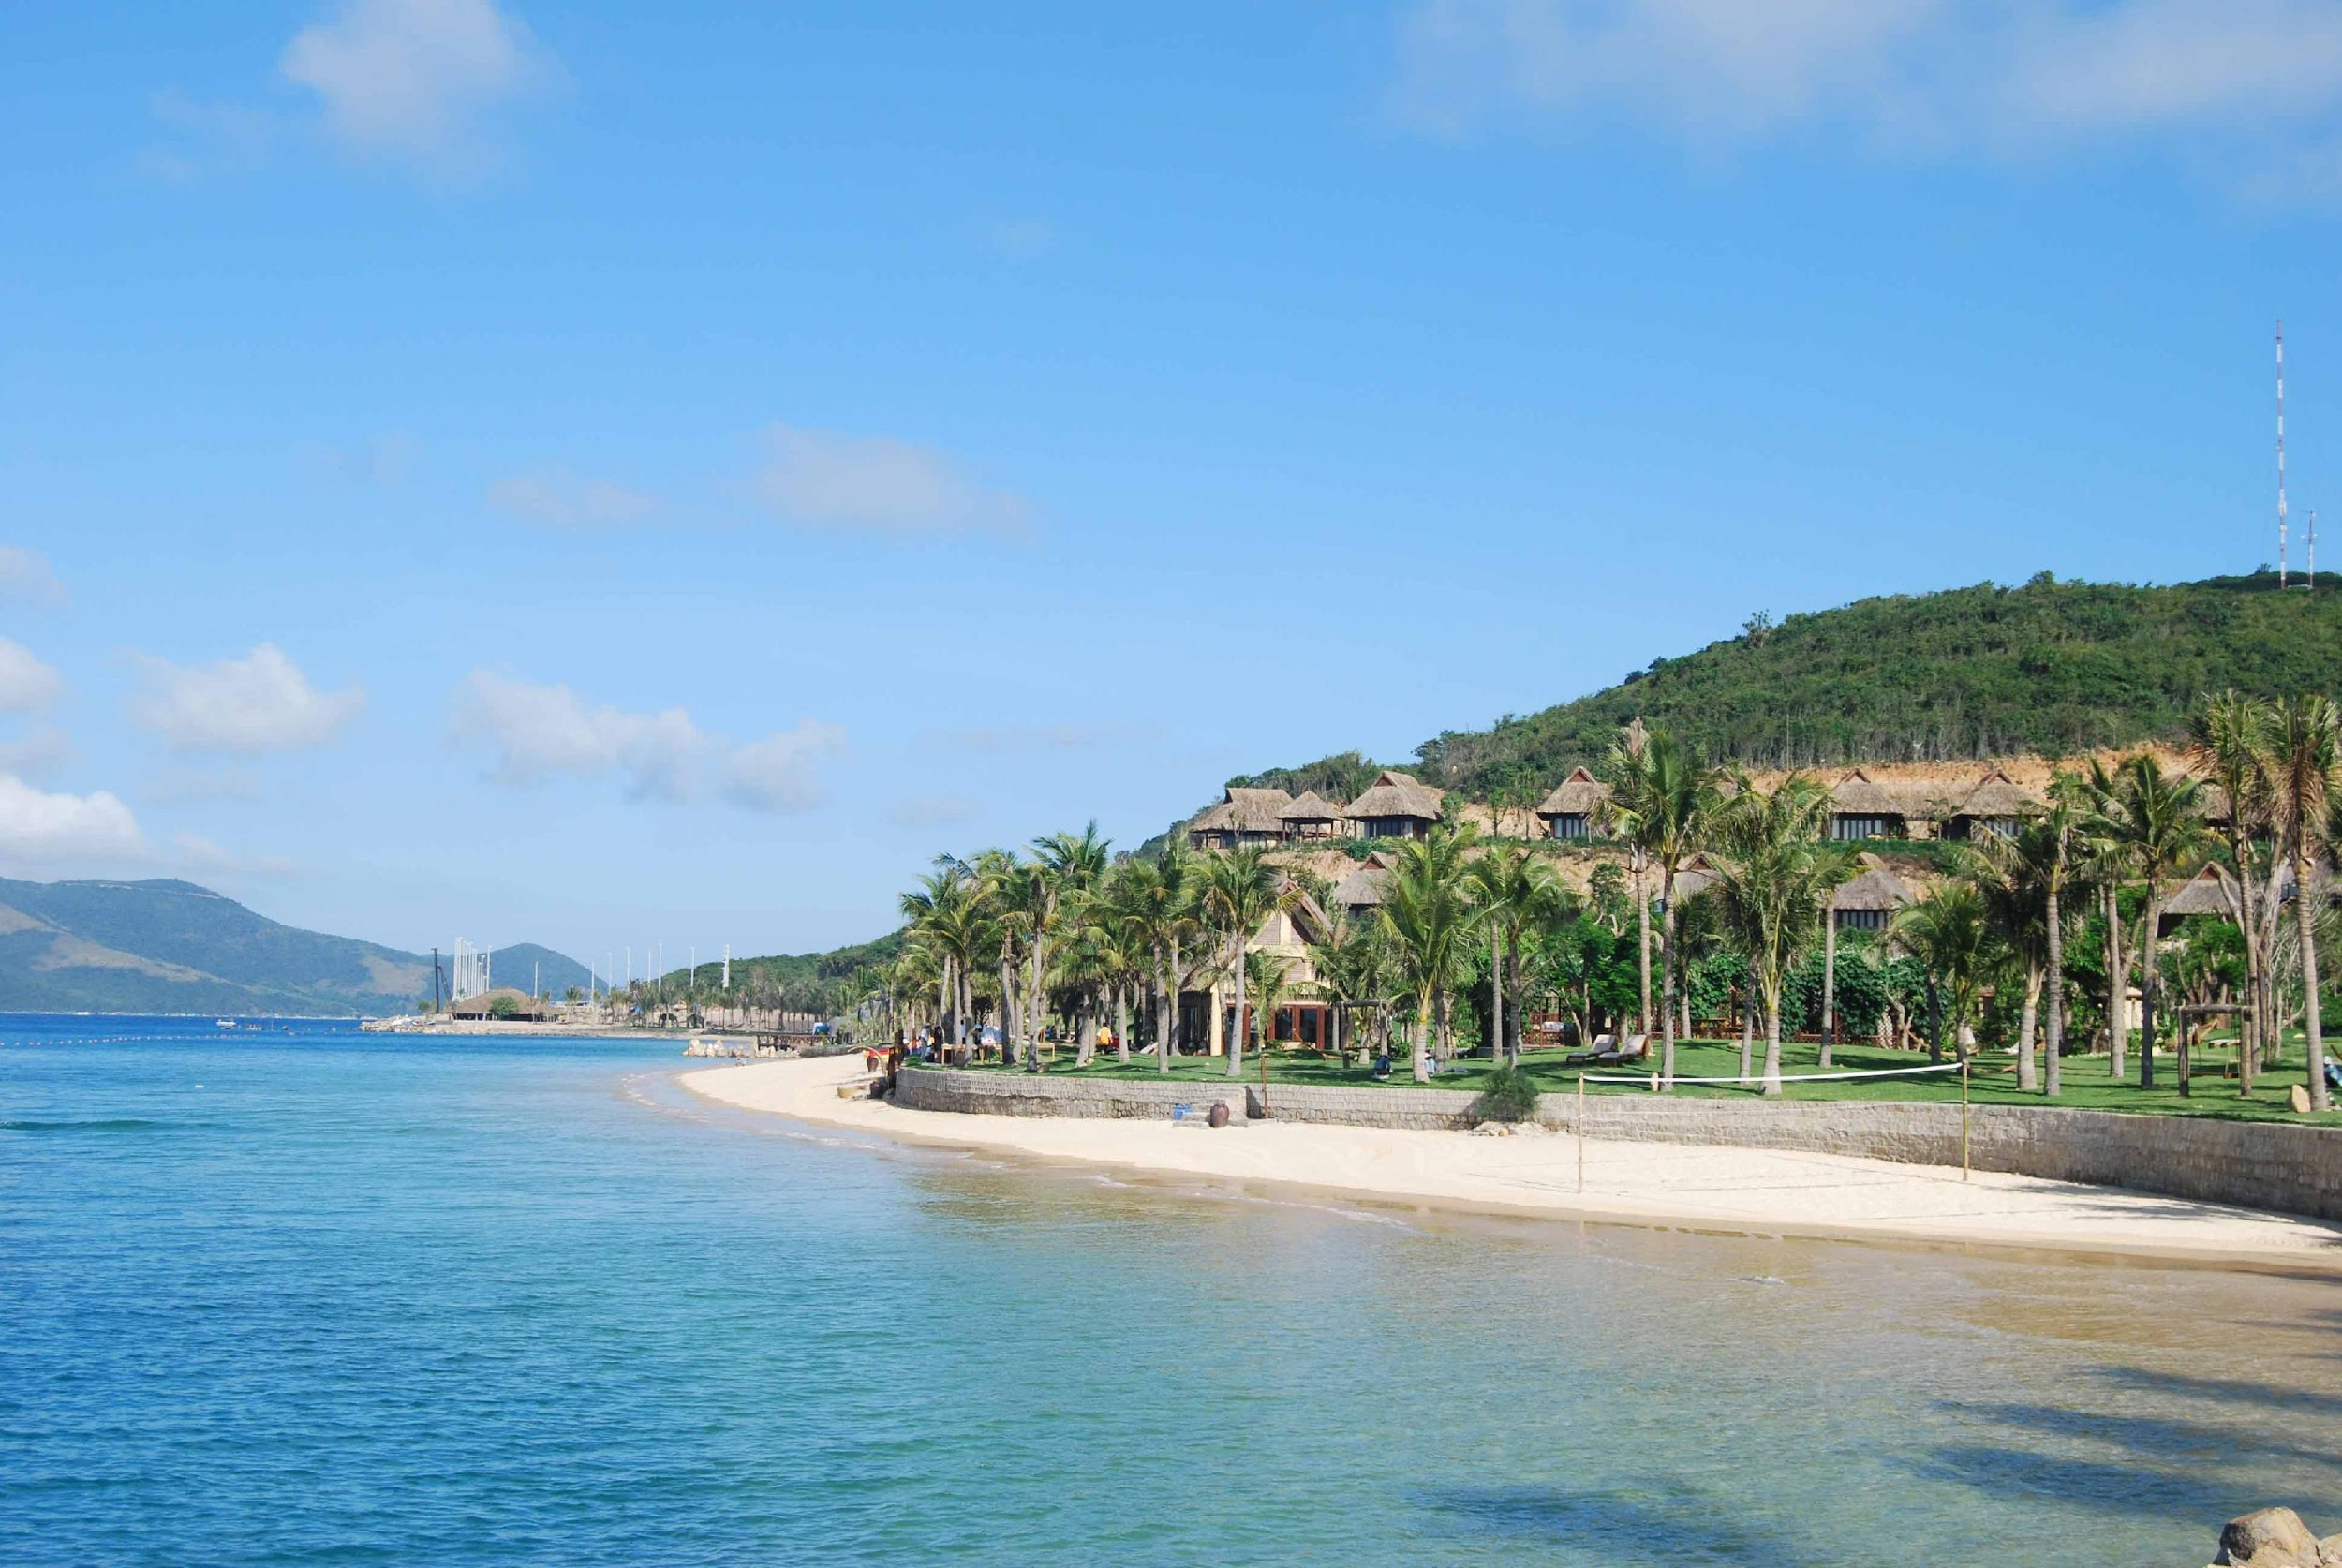 Hòn Tằm hội tụ để trở thành điểm nghỉ dưỡng lý tưởng với biển xanh, cát trắng, nắng vàng